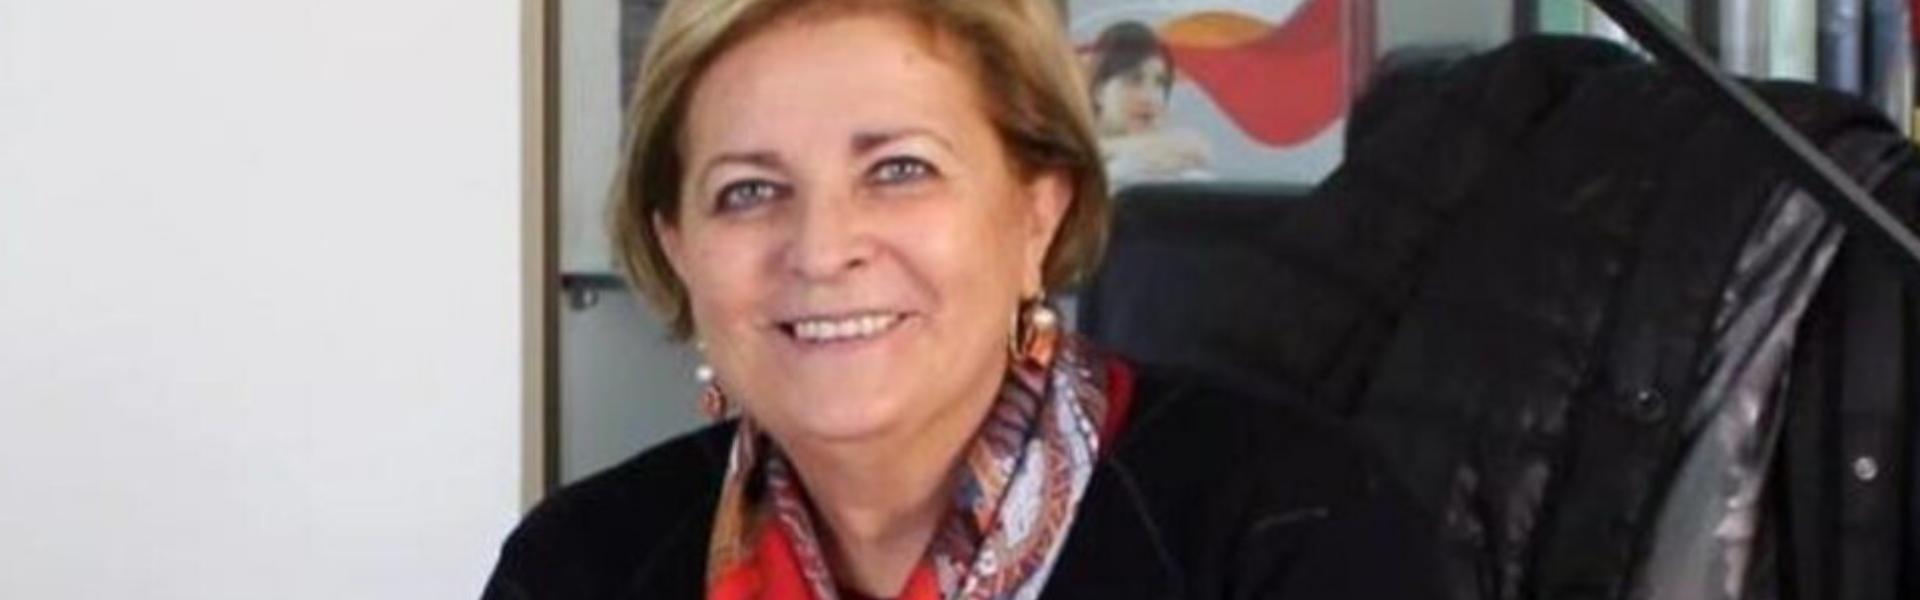 Tre giorni di convegno internazionale in onore della ex Soprintendente Rosalba Panvini